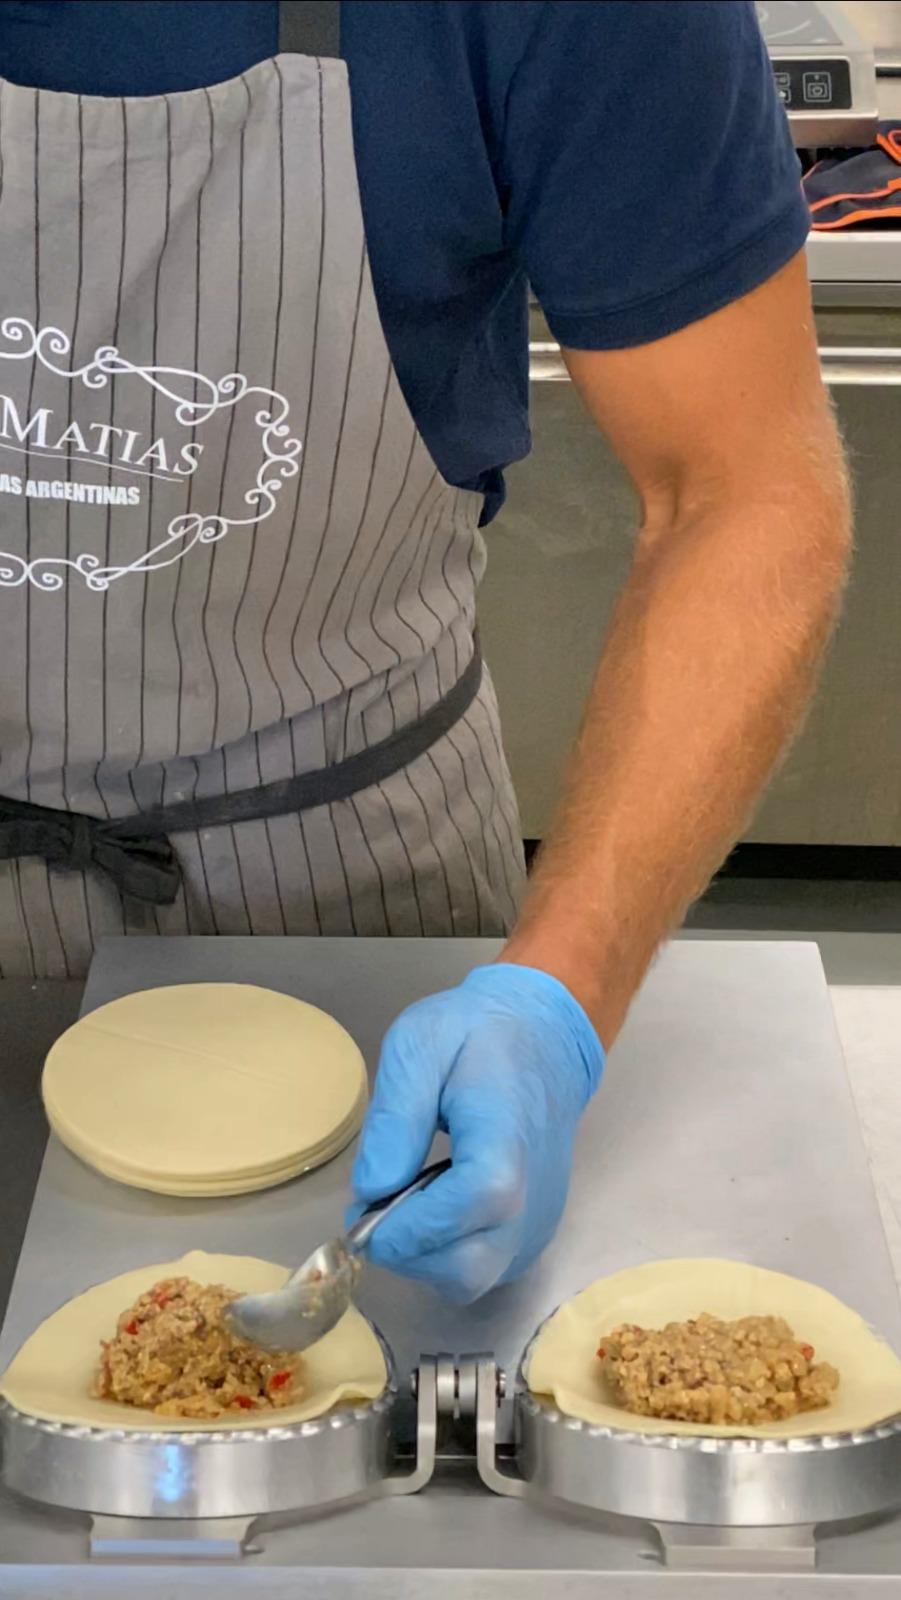 Matias Empanadas